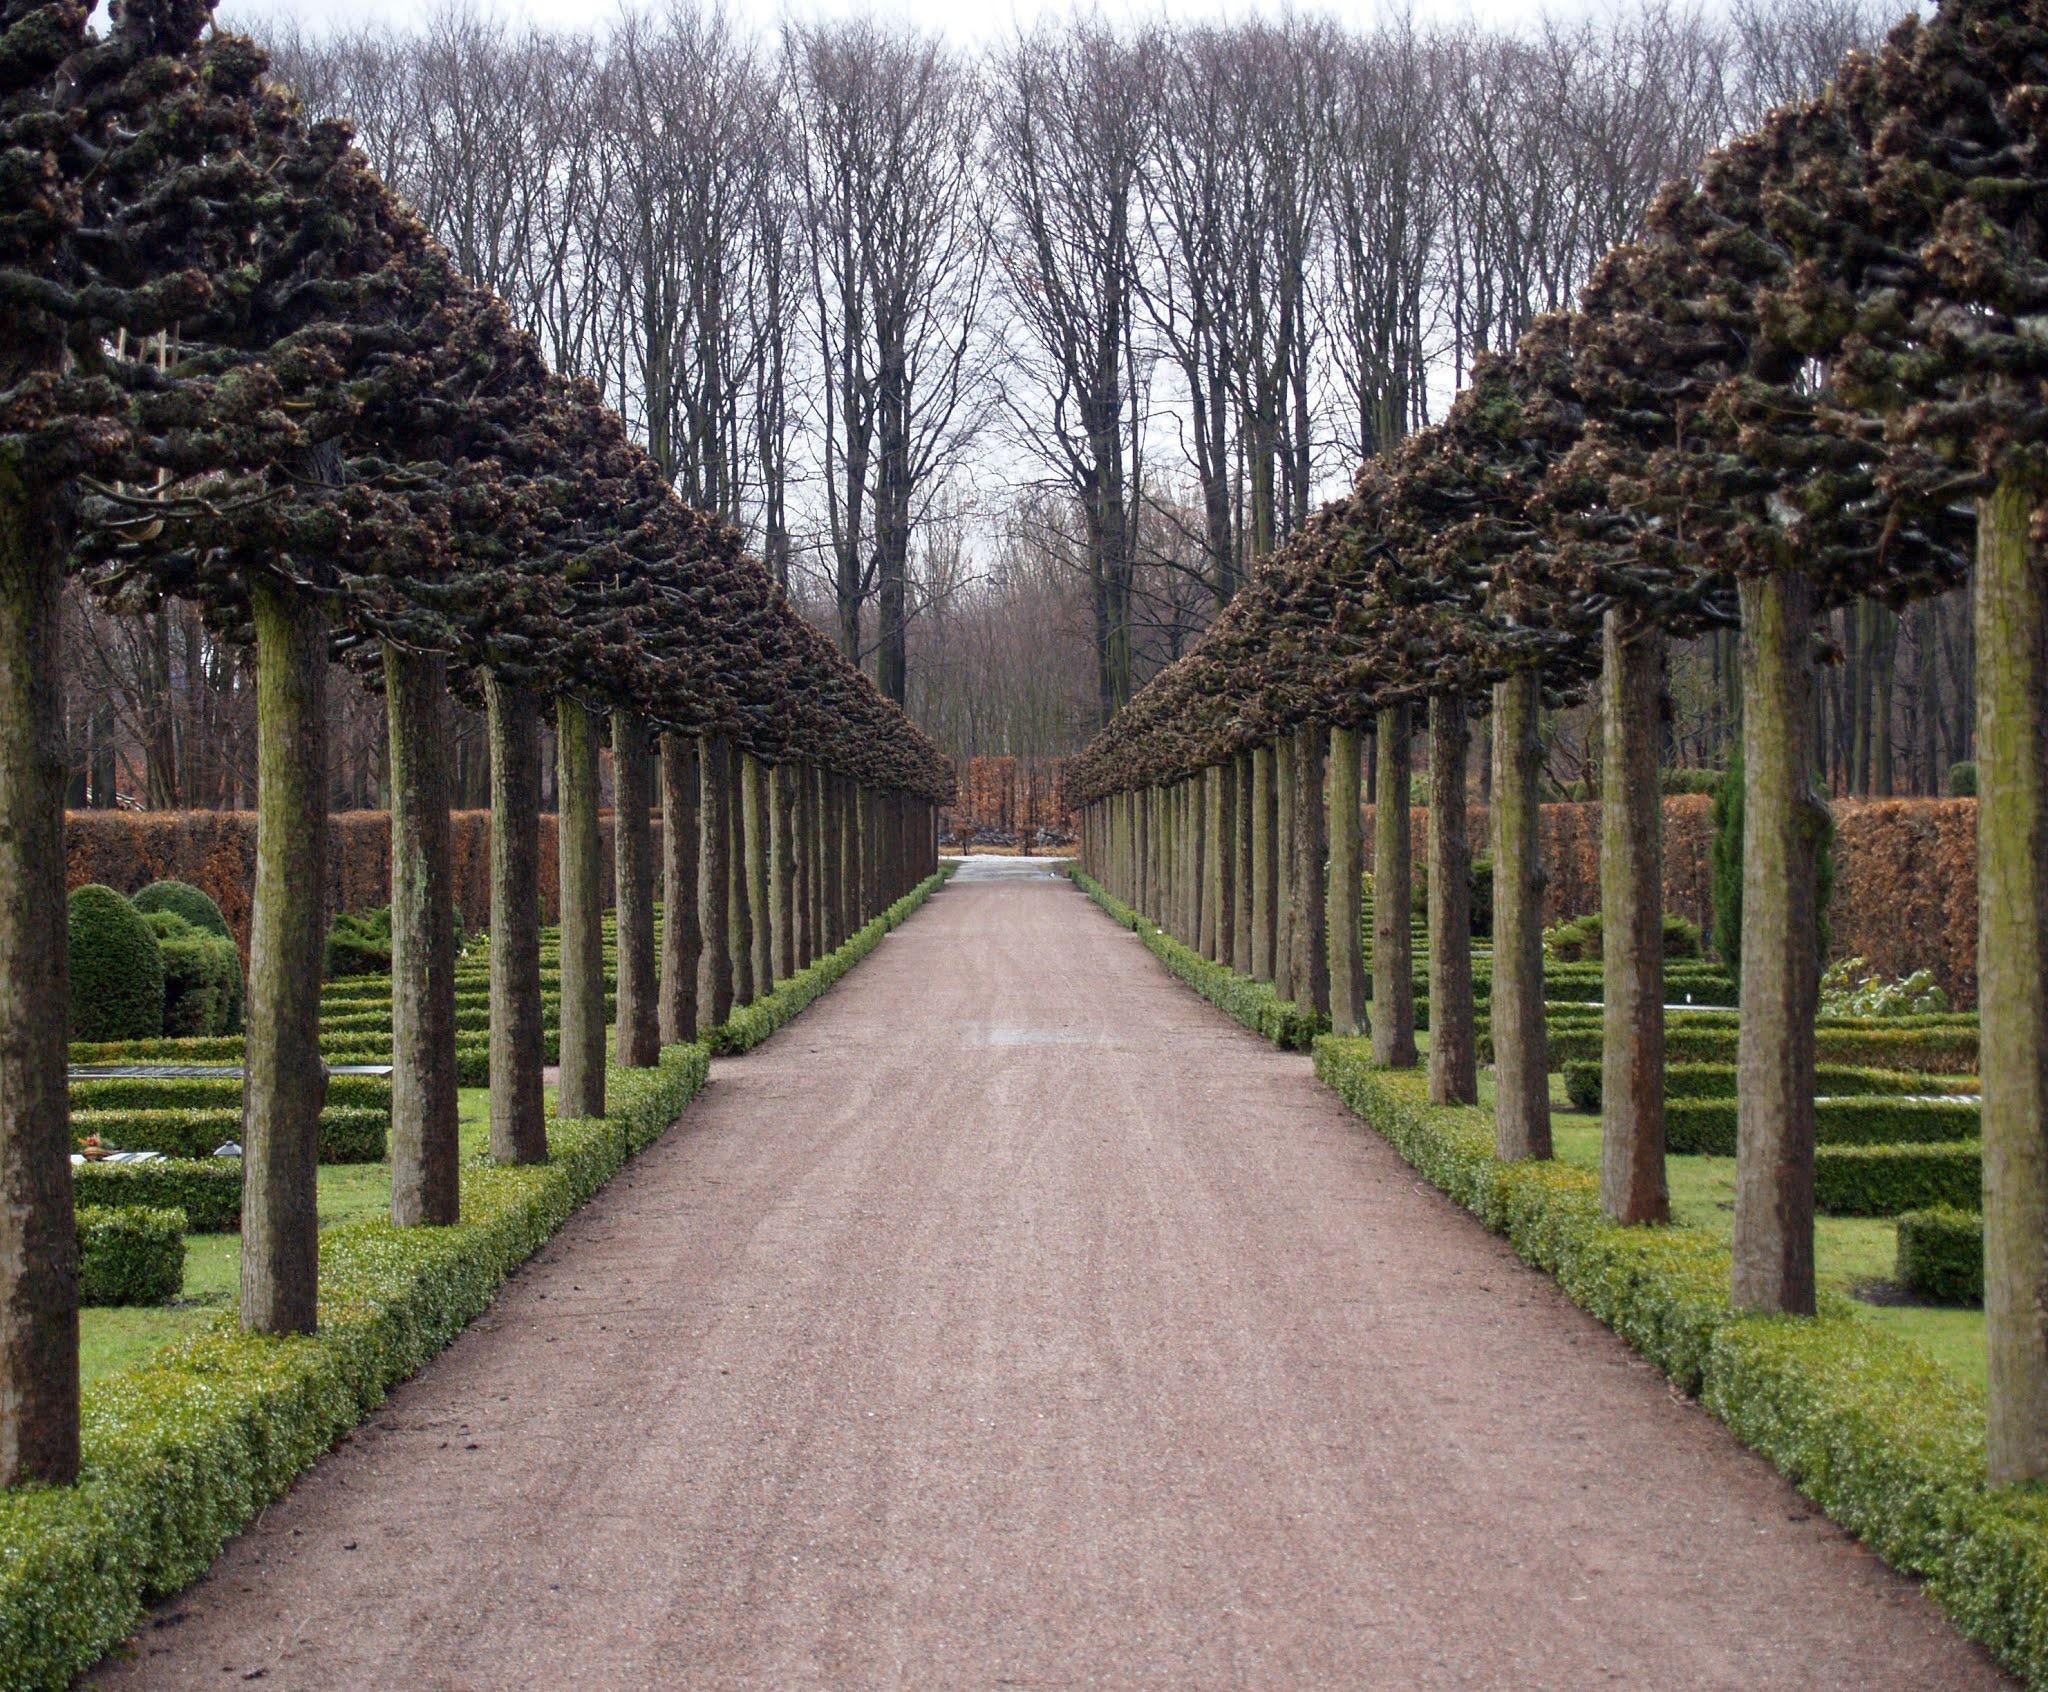 Malmö Eastern Cemetery (Malmö, Sweden)